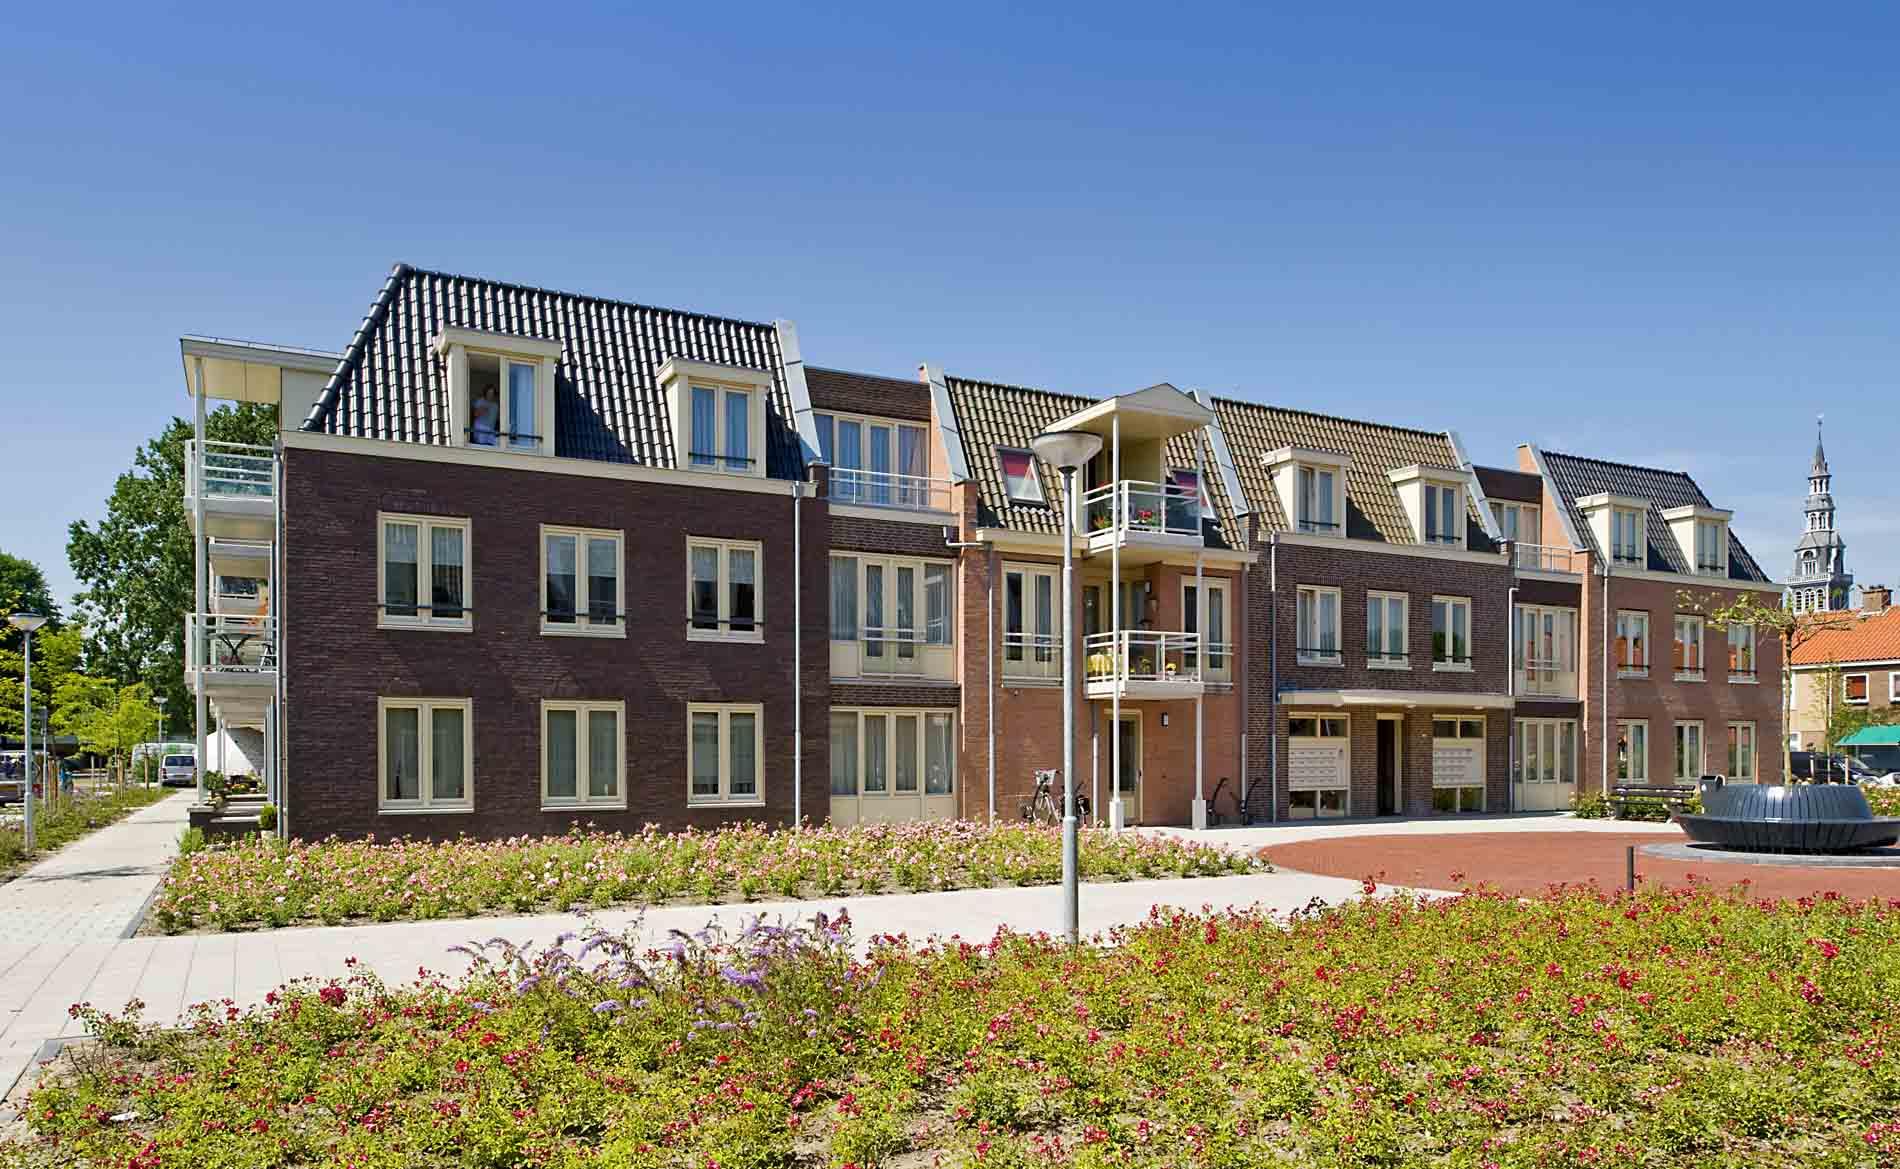 architect seniorenappartementen woningbouw Rozestaete Heemskerk BBHD architecten